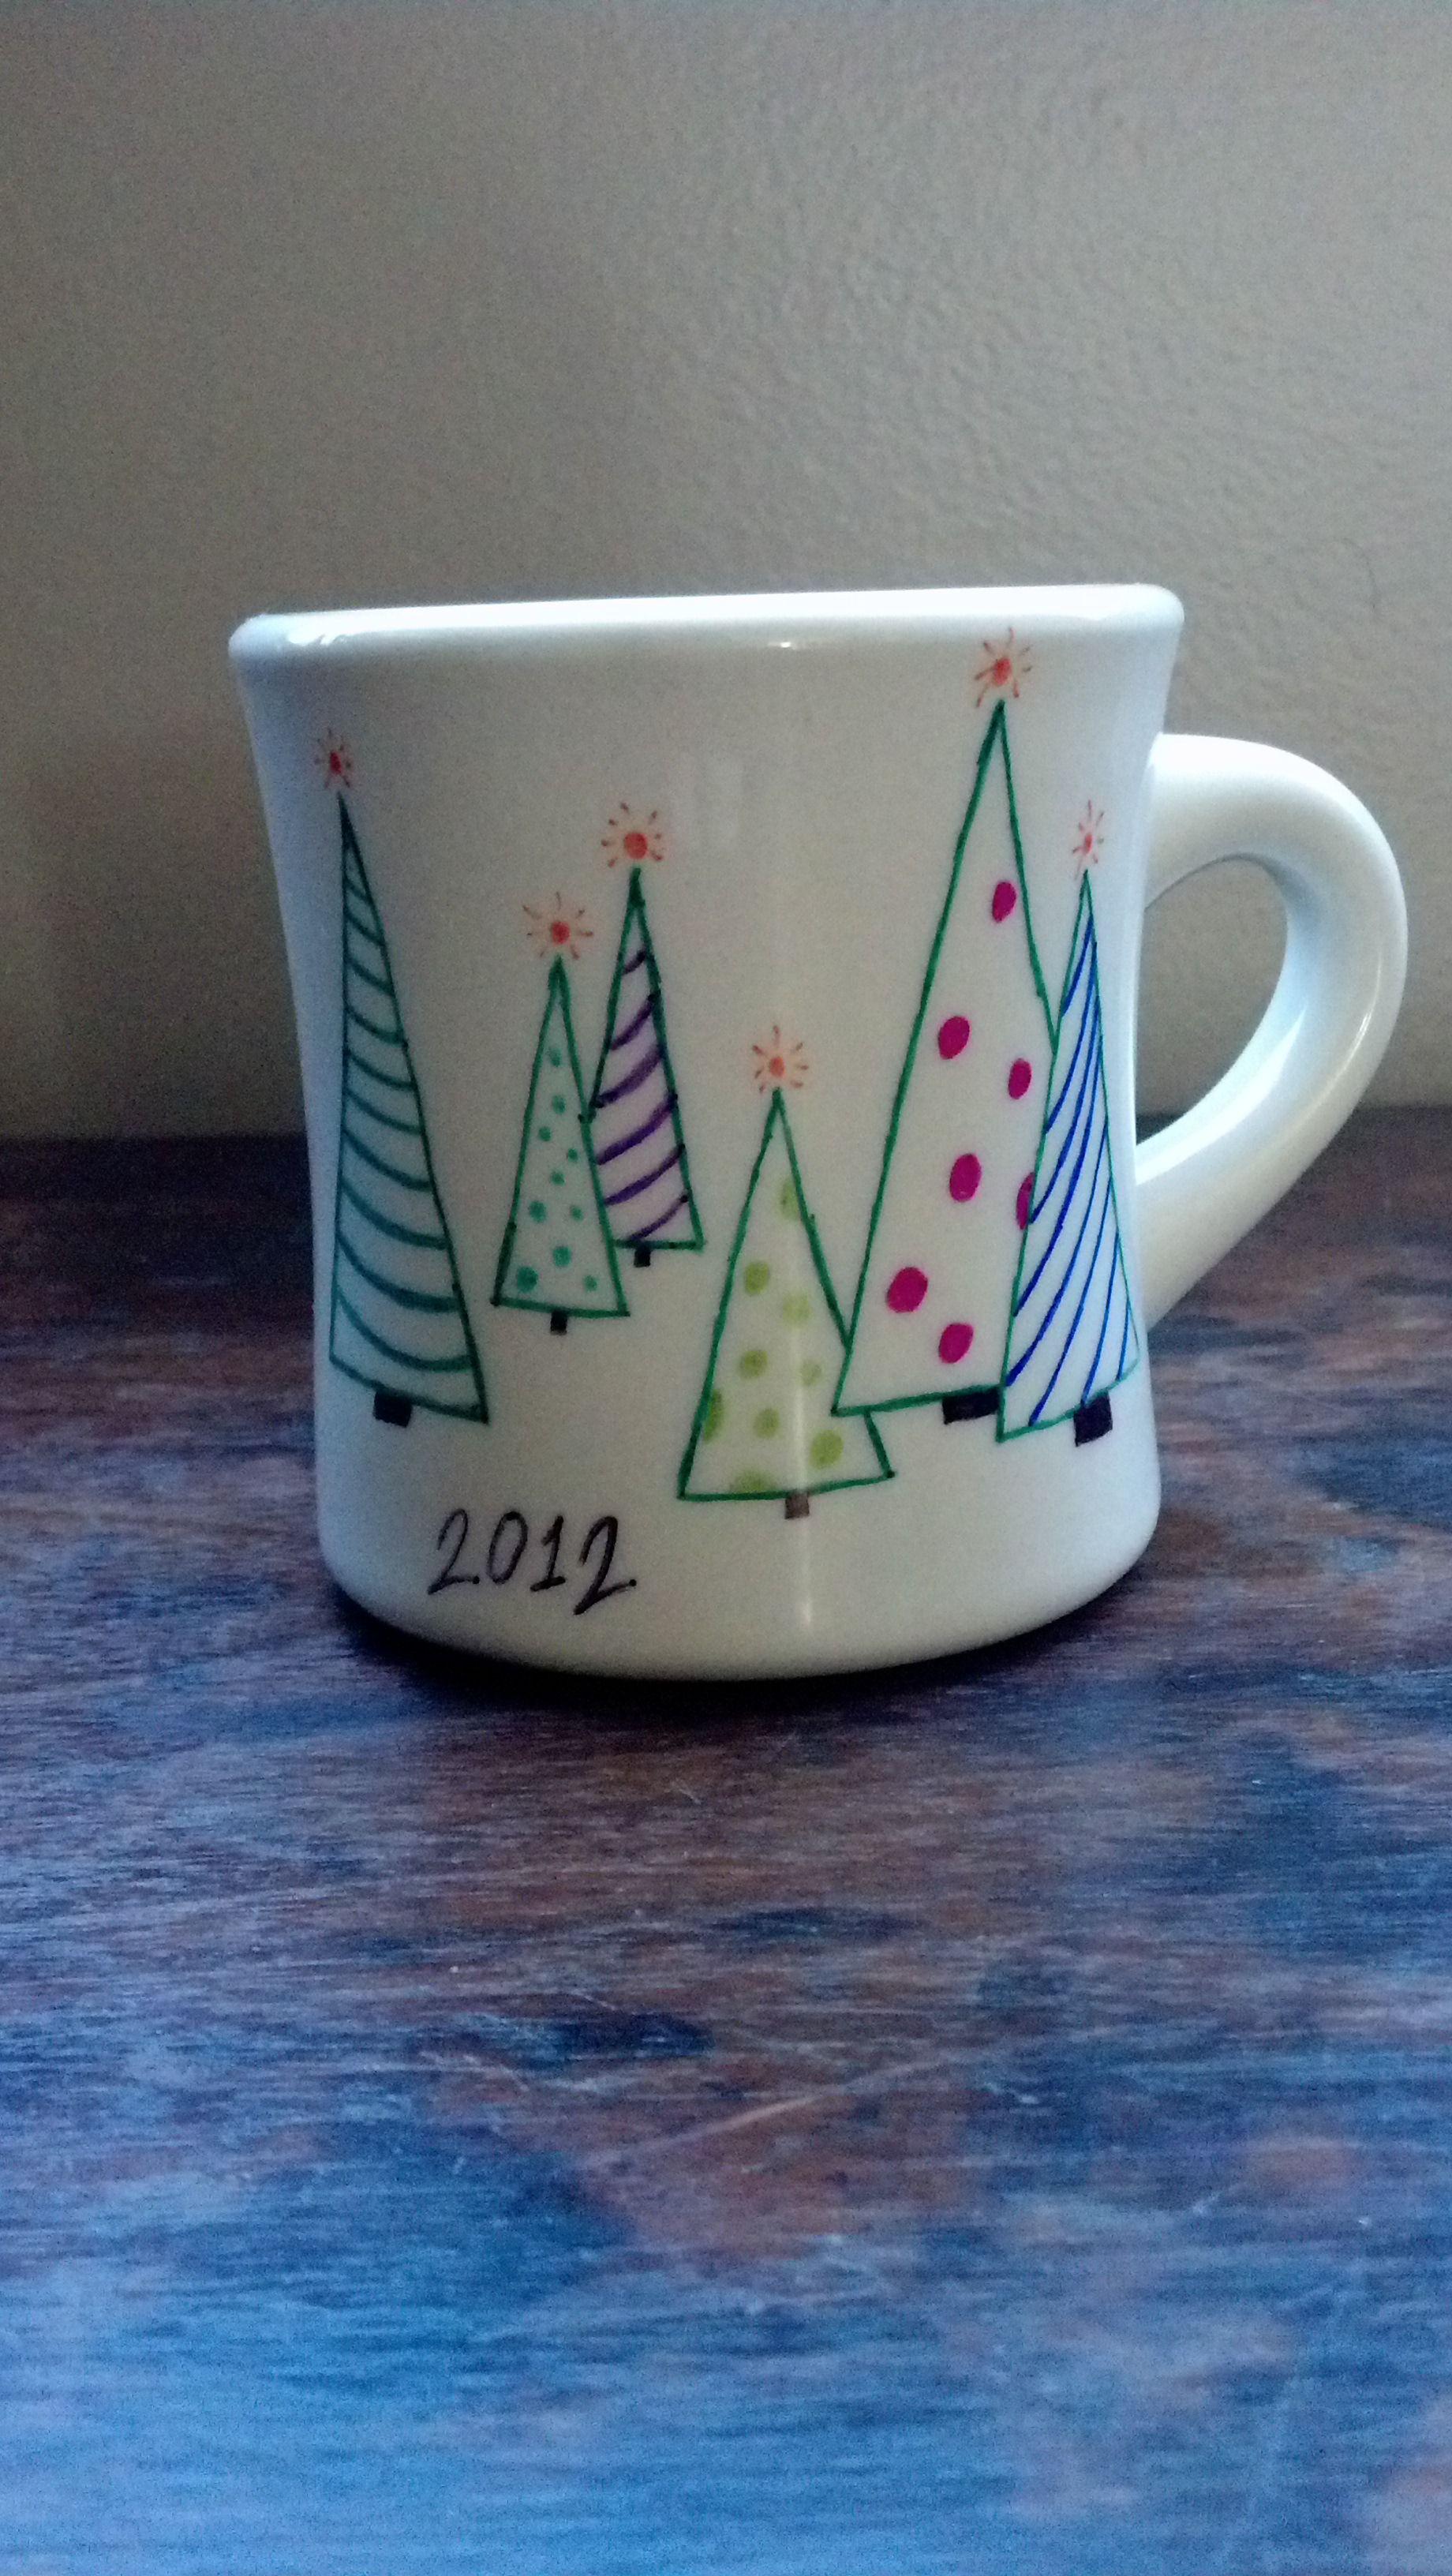 Tazza Personalizzata Fai Da Te my take on sharpie coffee cups | regali fai da te, tazze, idee